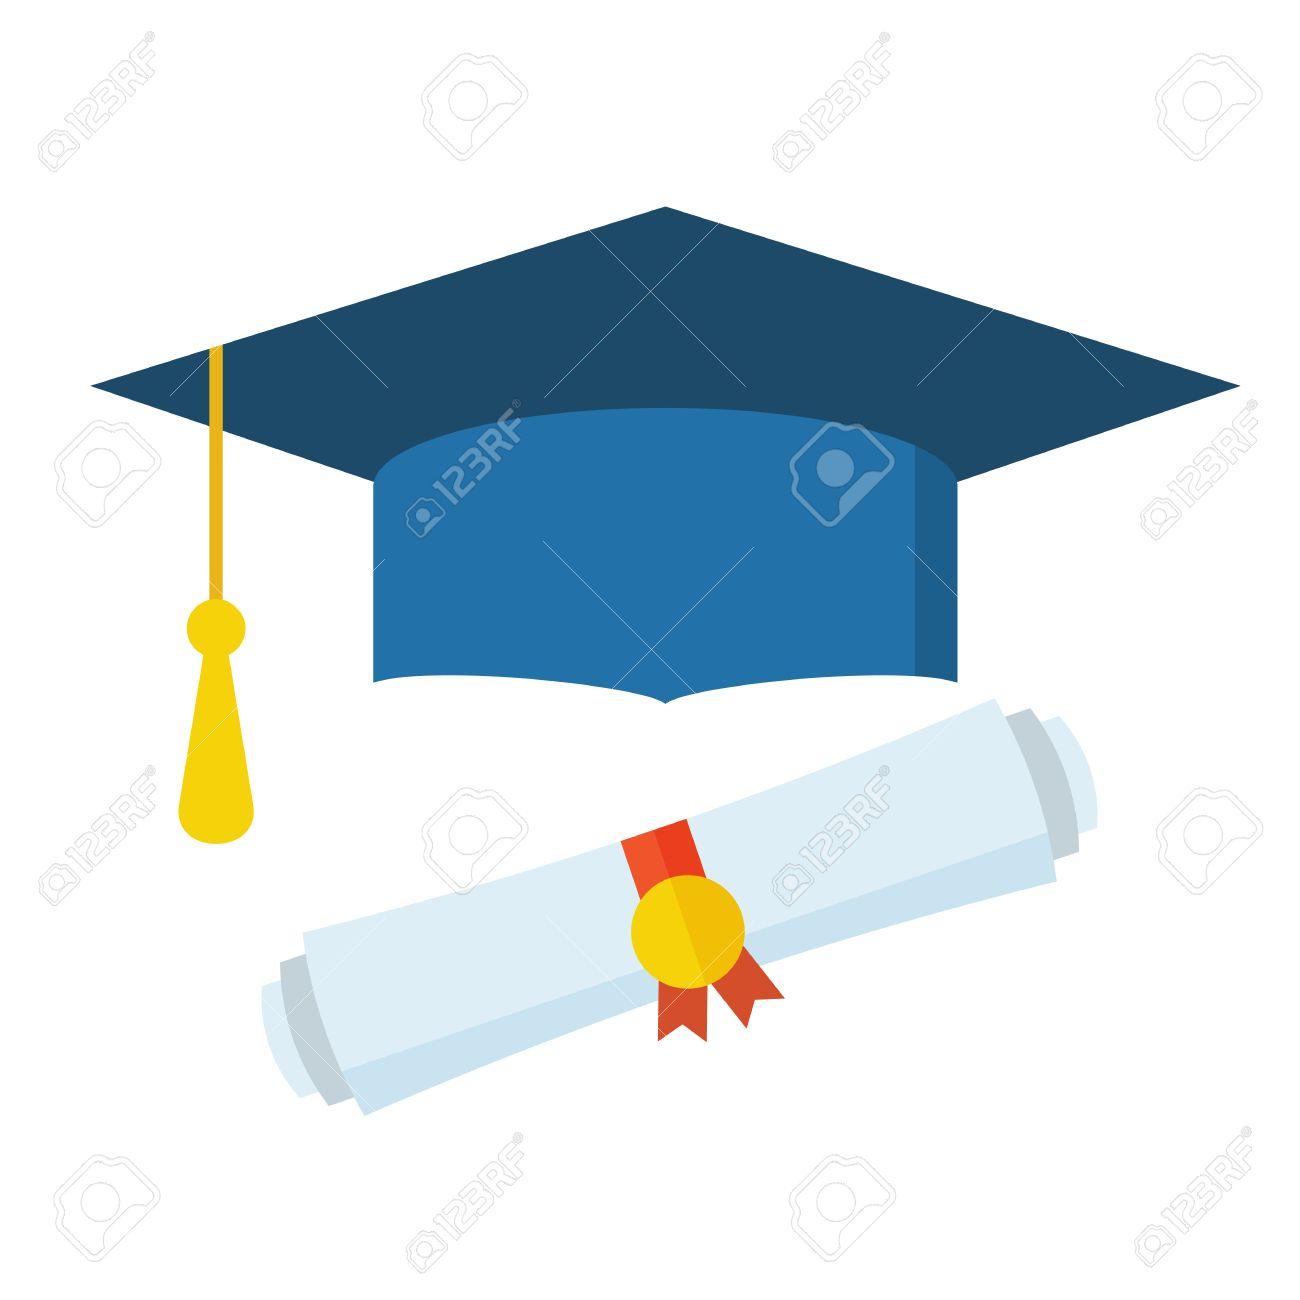 Foto de archivo - Sombrero de graduación y diploma desplazarse icono de diseño  plano. La graduación casquillo celebración icono de dibujos animados web. f33ba8851ad